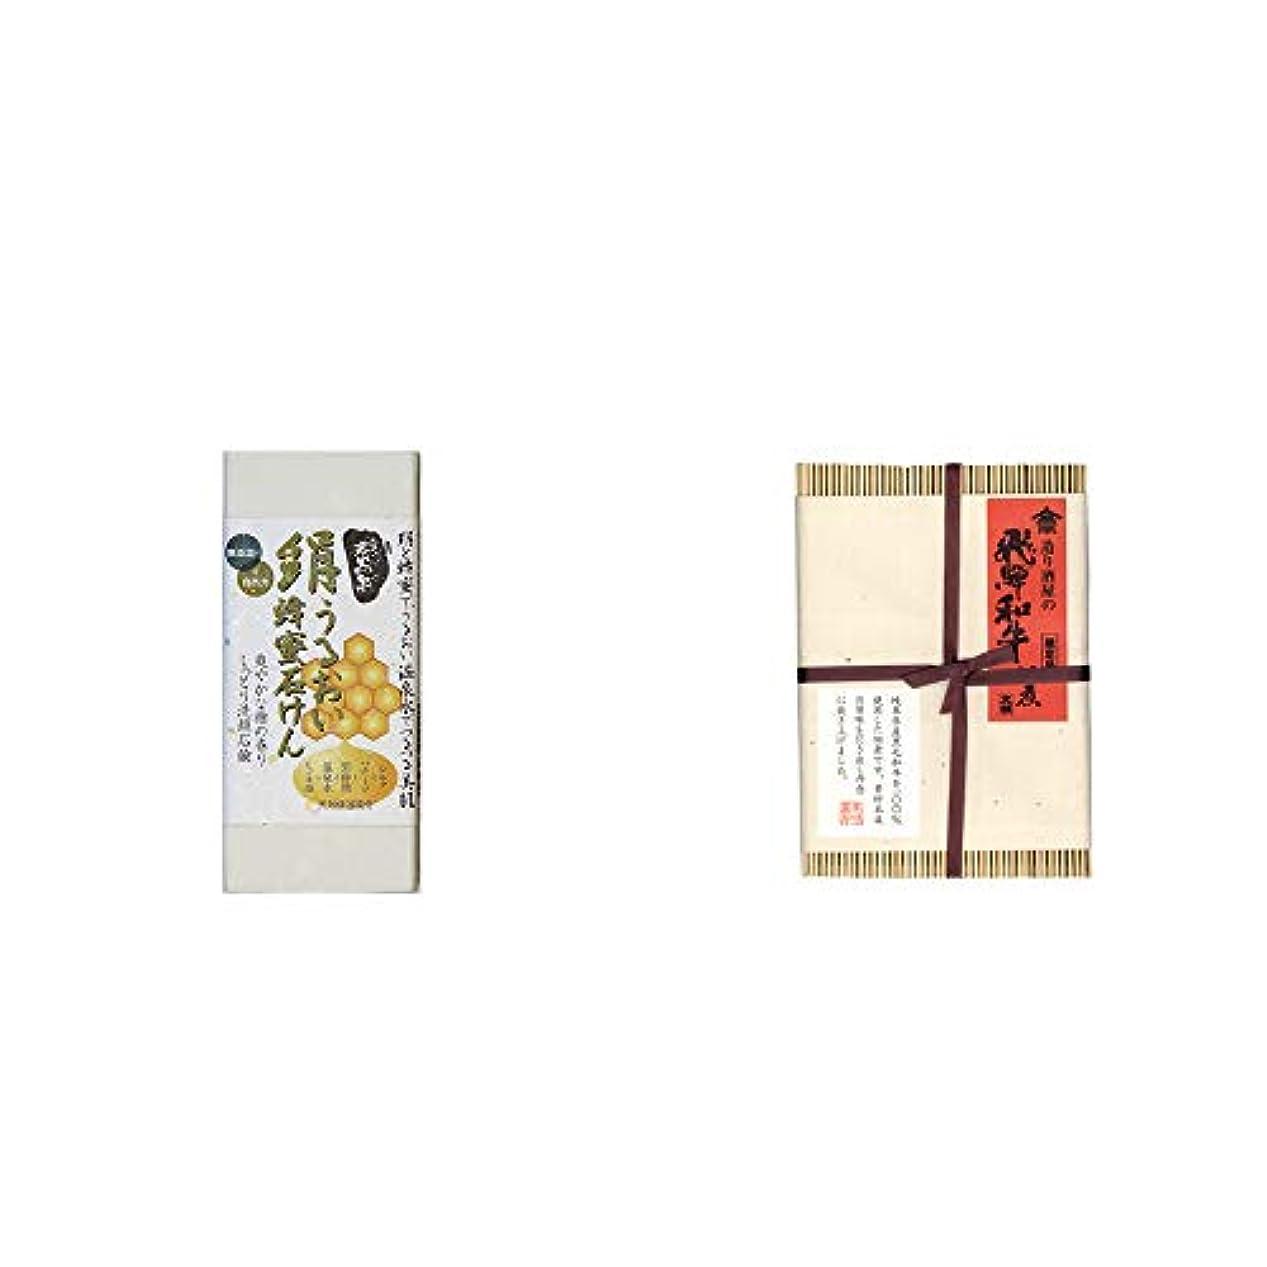 凍った彫刻家まばたき[2点セット] ひのき炭黒泉 絹うるおい蜂蜜石けん(75g×2)?天領酒造 造り酒屋の飛騨和牛佃煮(100g)